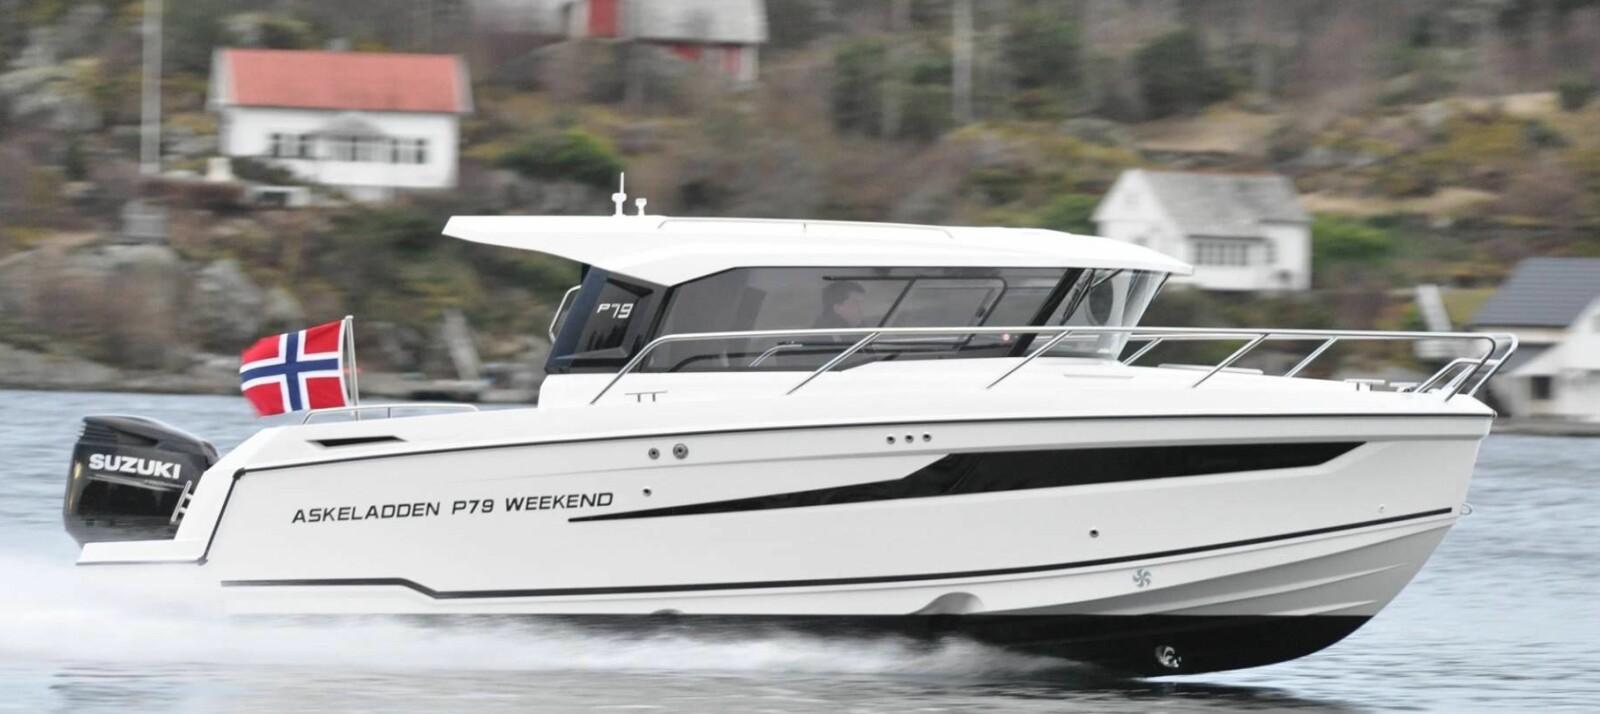 <b>TESTET</b>: Askeladden tester nå P79 Weekend. Båten har et skrog med 2-Stepp og en integrert motorbrakett som gir skroget helt unike ytelser for denne klassen styrhusbåter, ifølge Askeladden. Under en av testene med en Suzuki DF250 APX greide P79 Weekend en toppfart på 41 knop med bunnstoff.